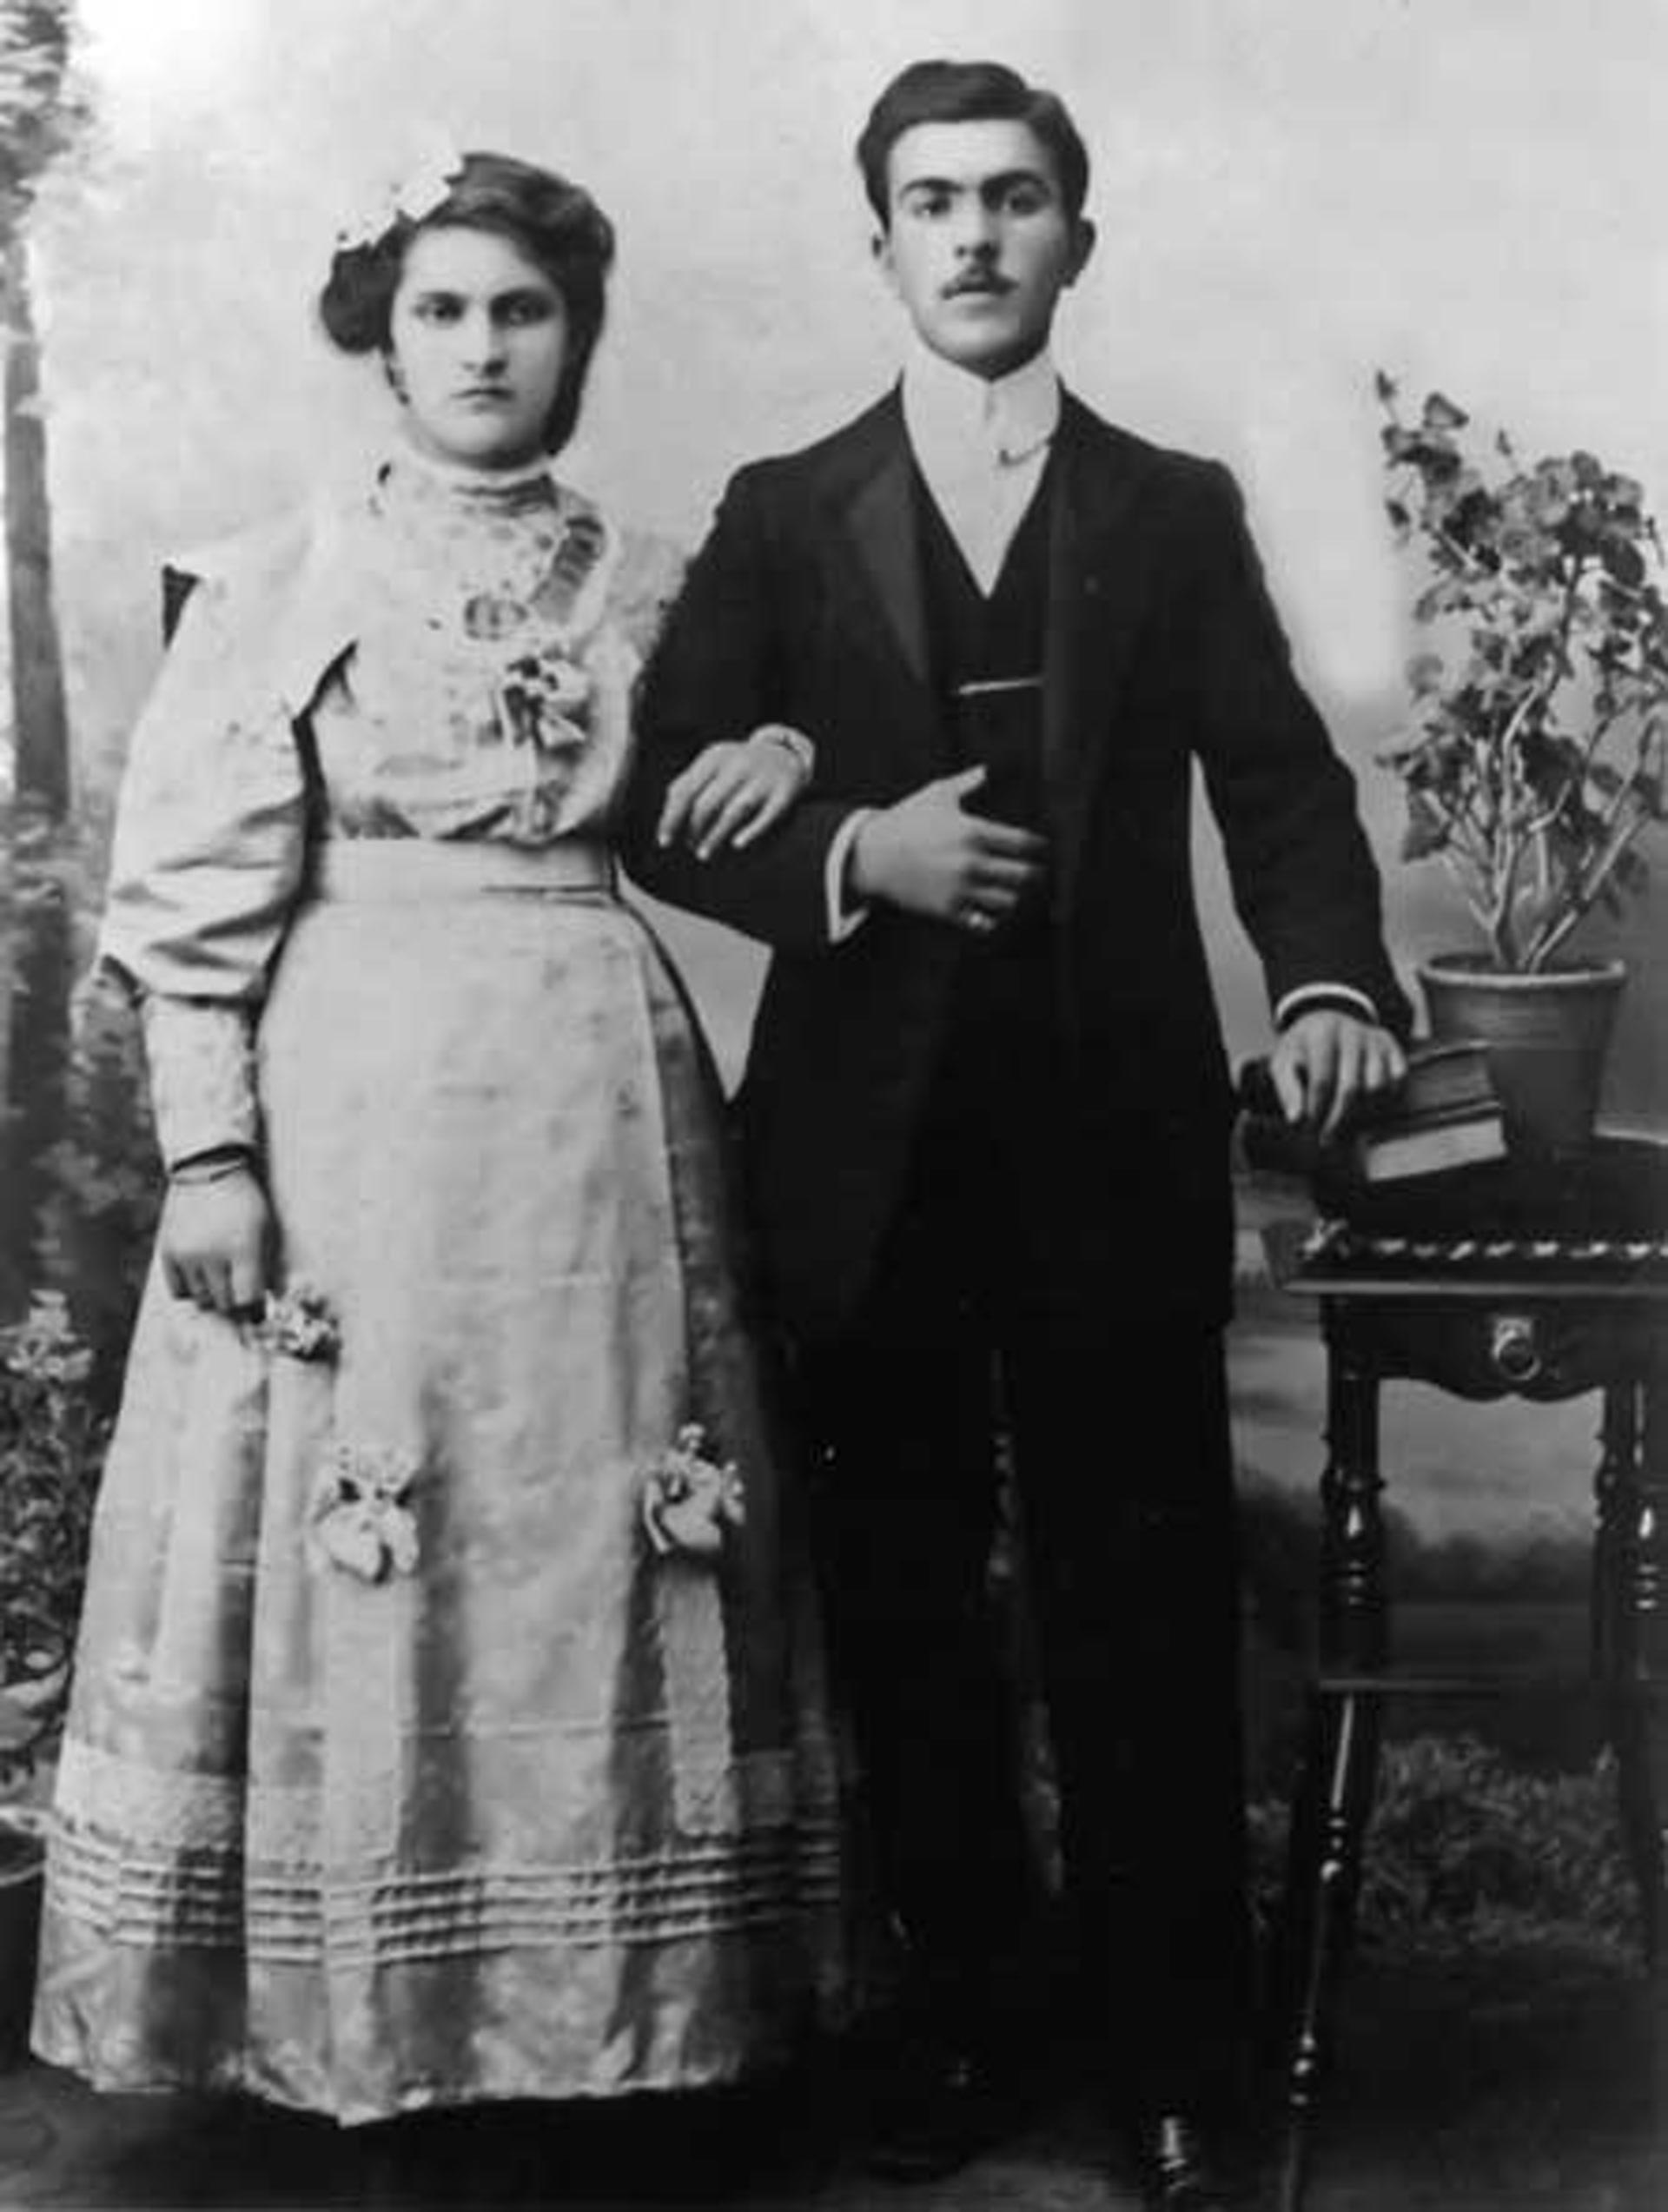 Jeunes mariés faisant partie des notables de Liti (= Aivati), Empire ottoman, fin 19e siècle